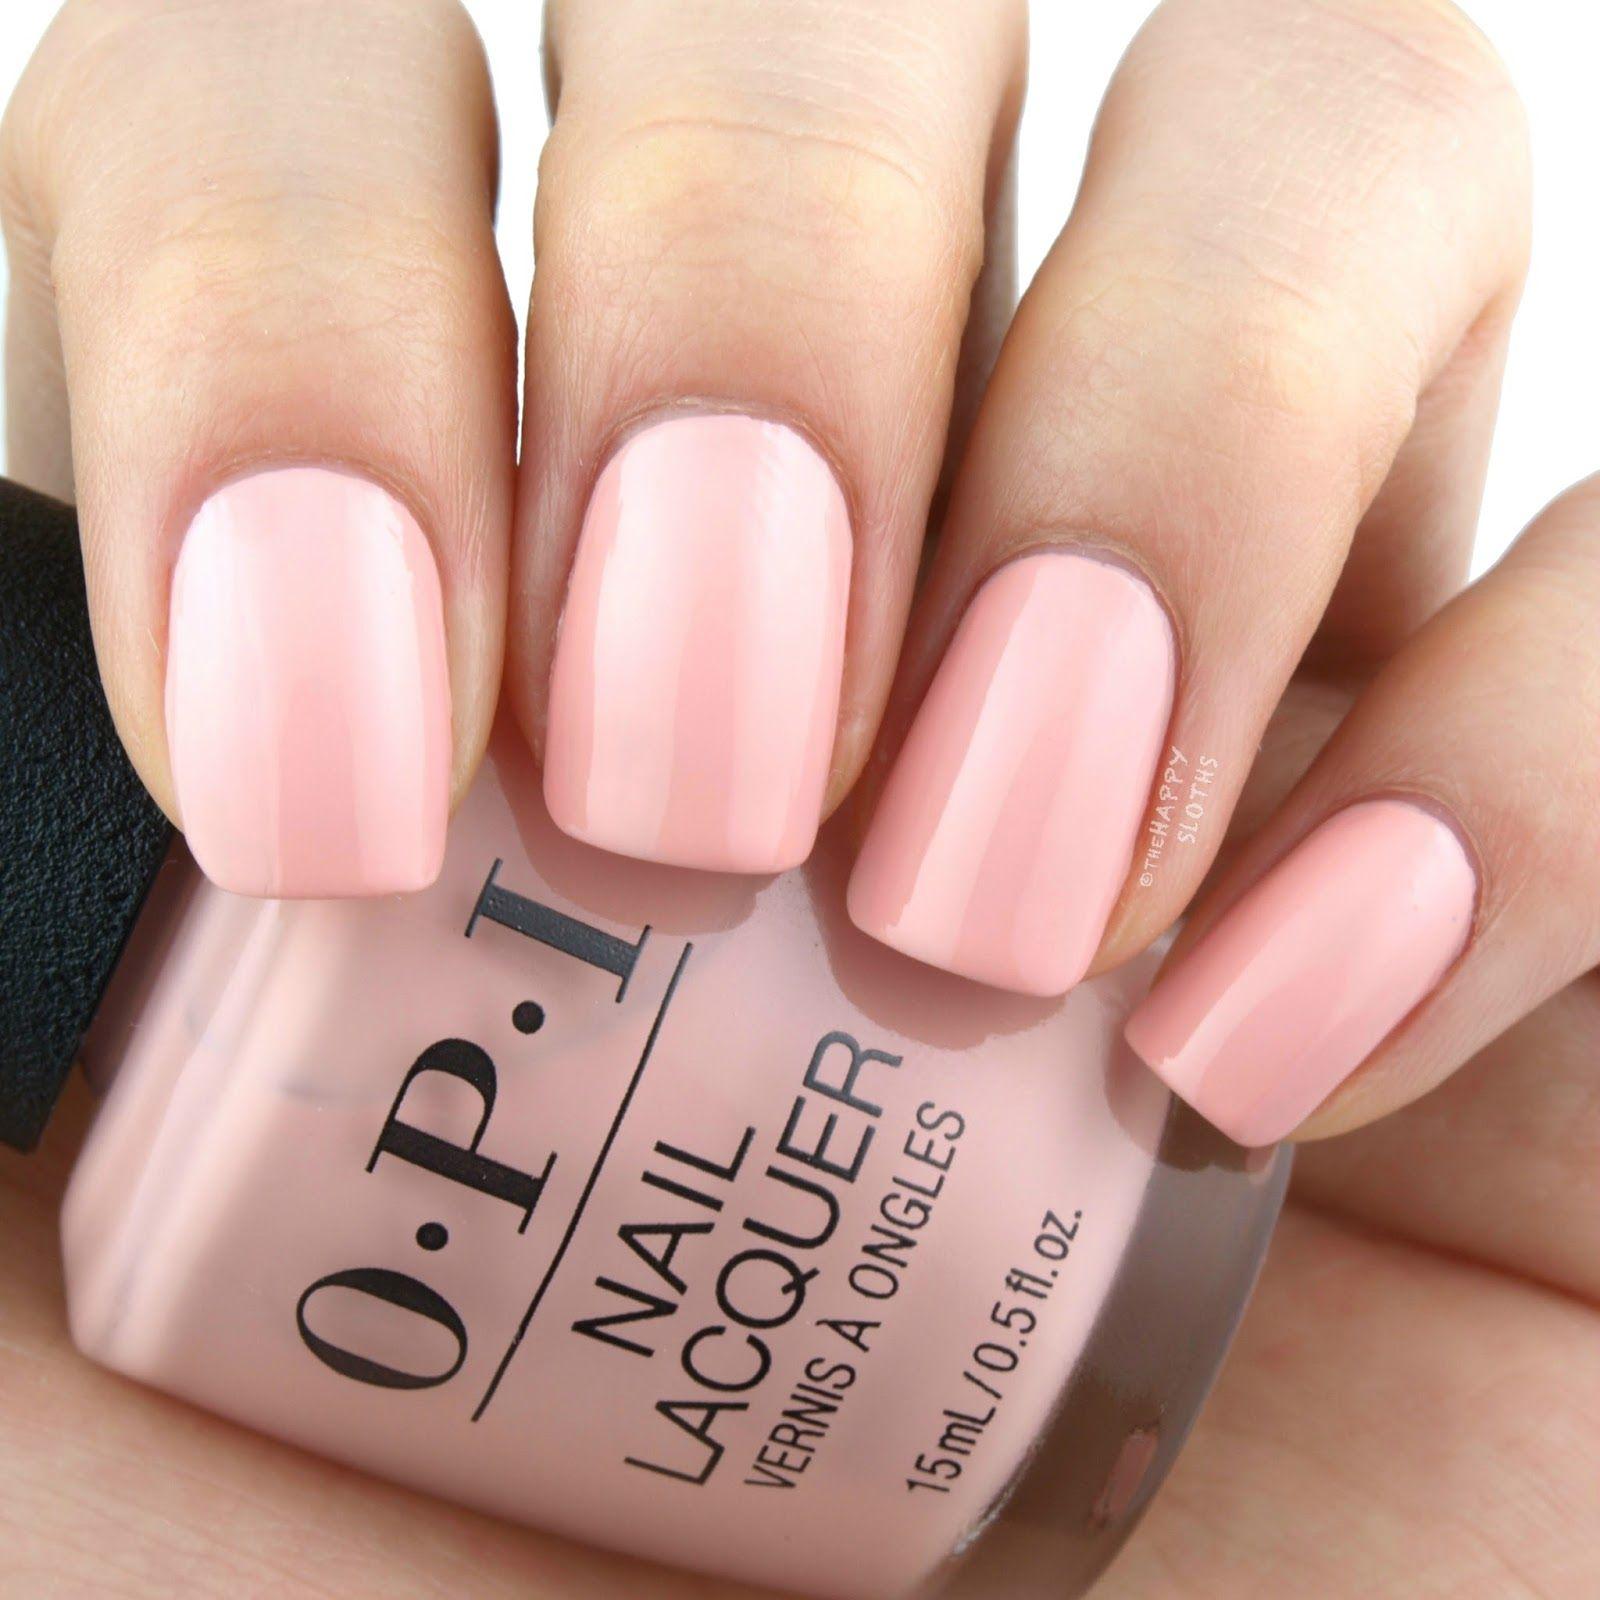 Opi Opi Nail Polish Colors Work Nails Opi Nail Colors